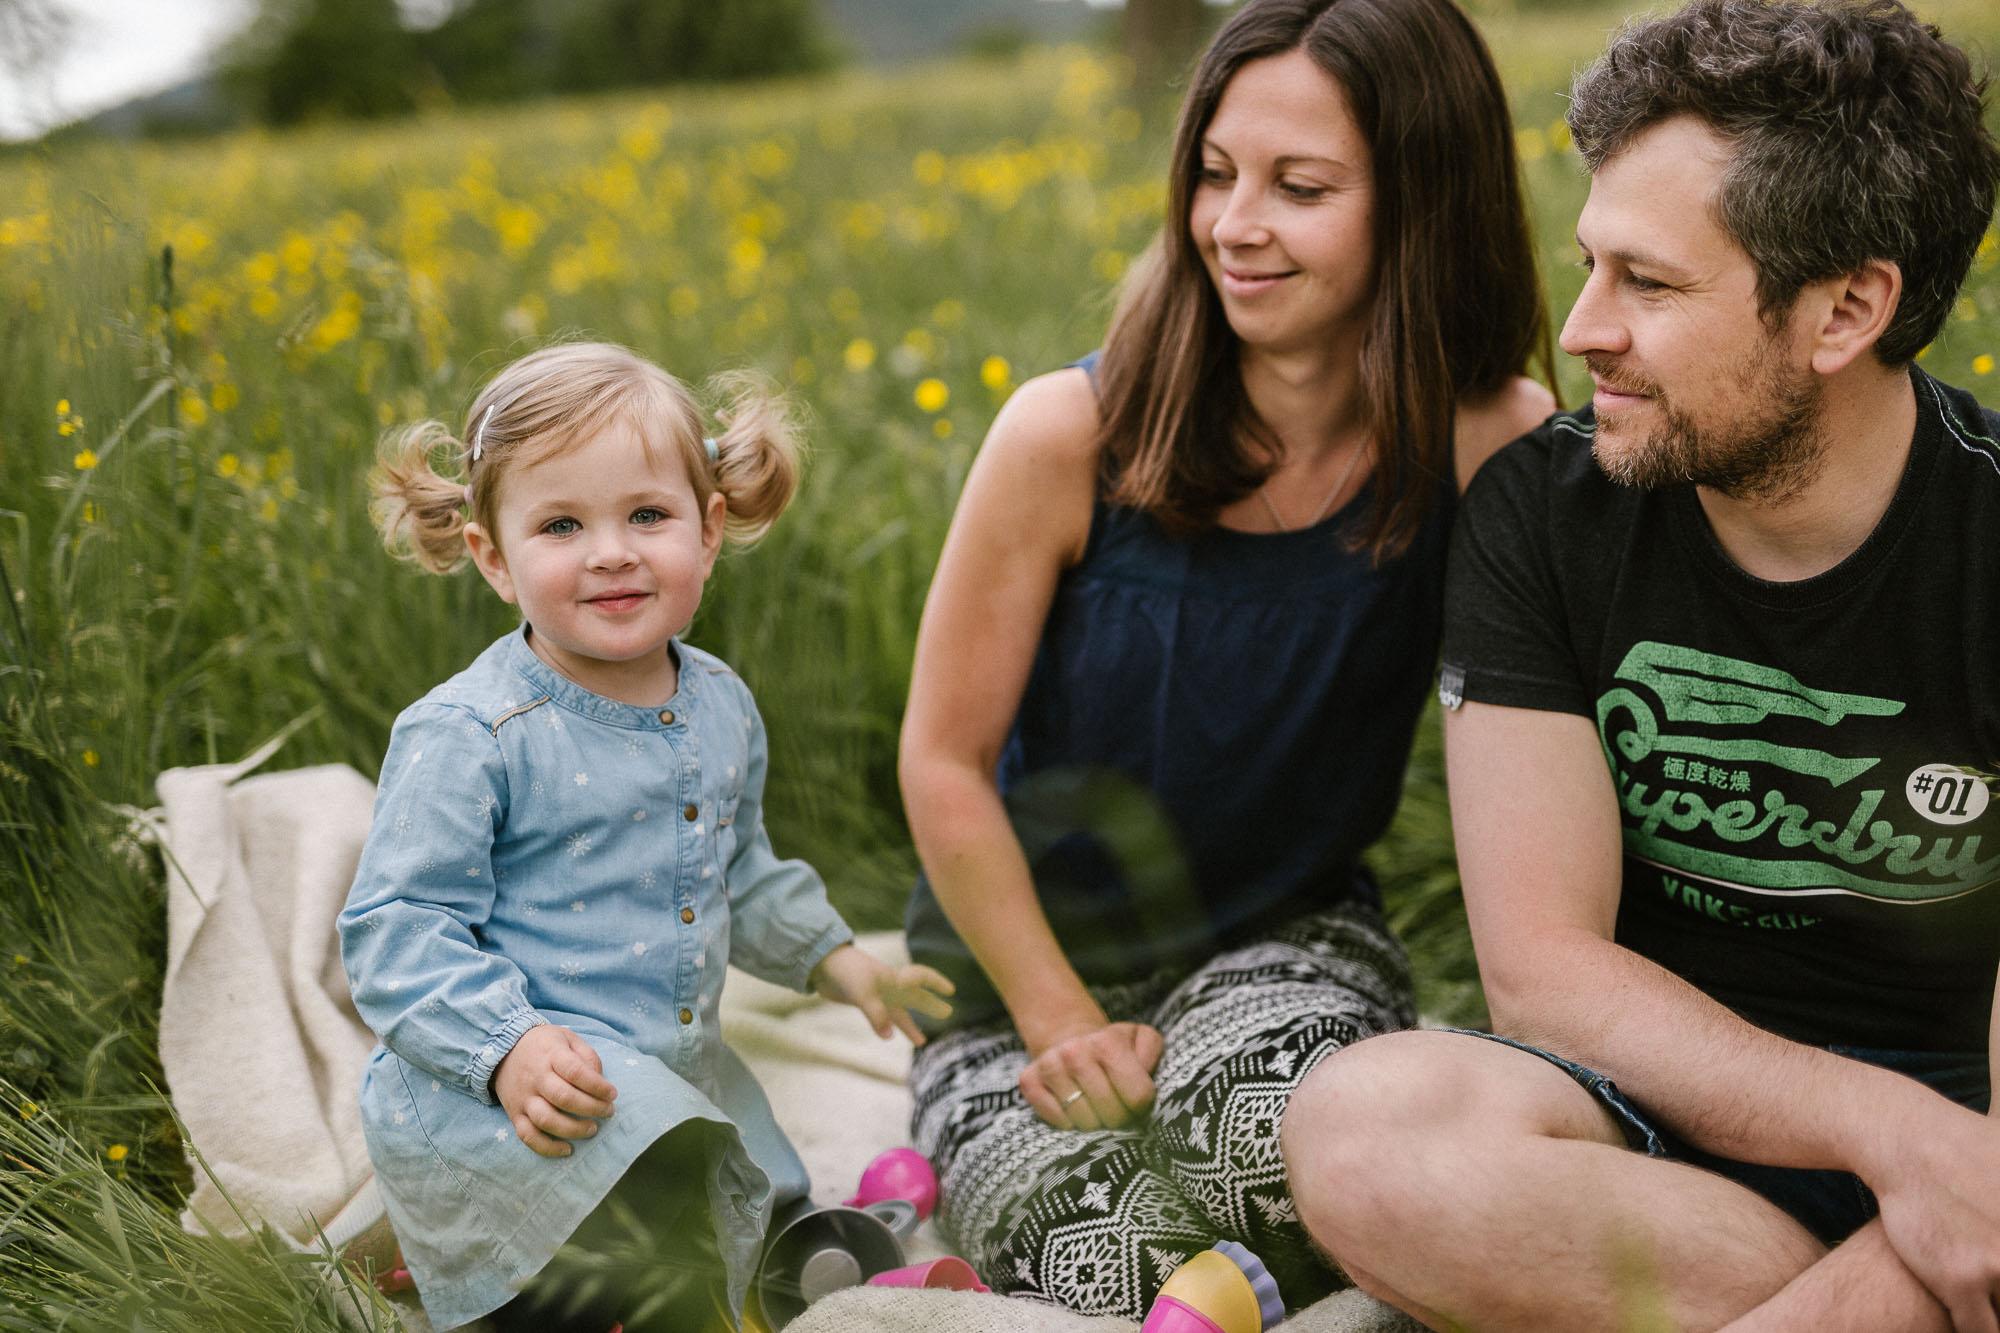 Familienpicknick auf Blumenwiese im Schwarzwald - Raissa + Simon Fotografie